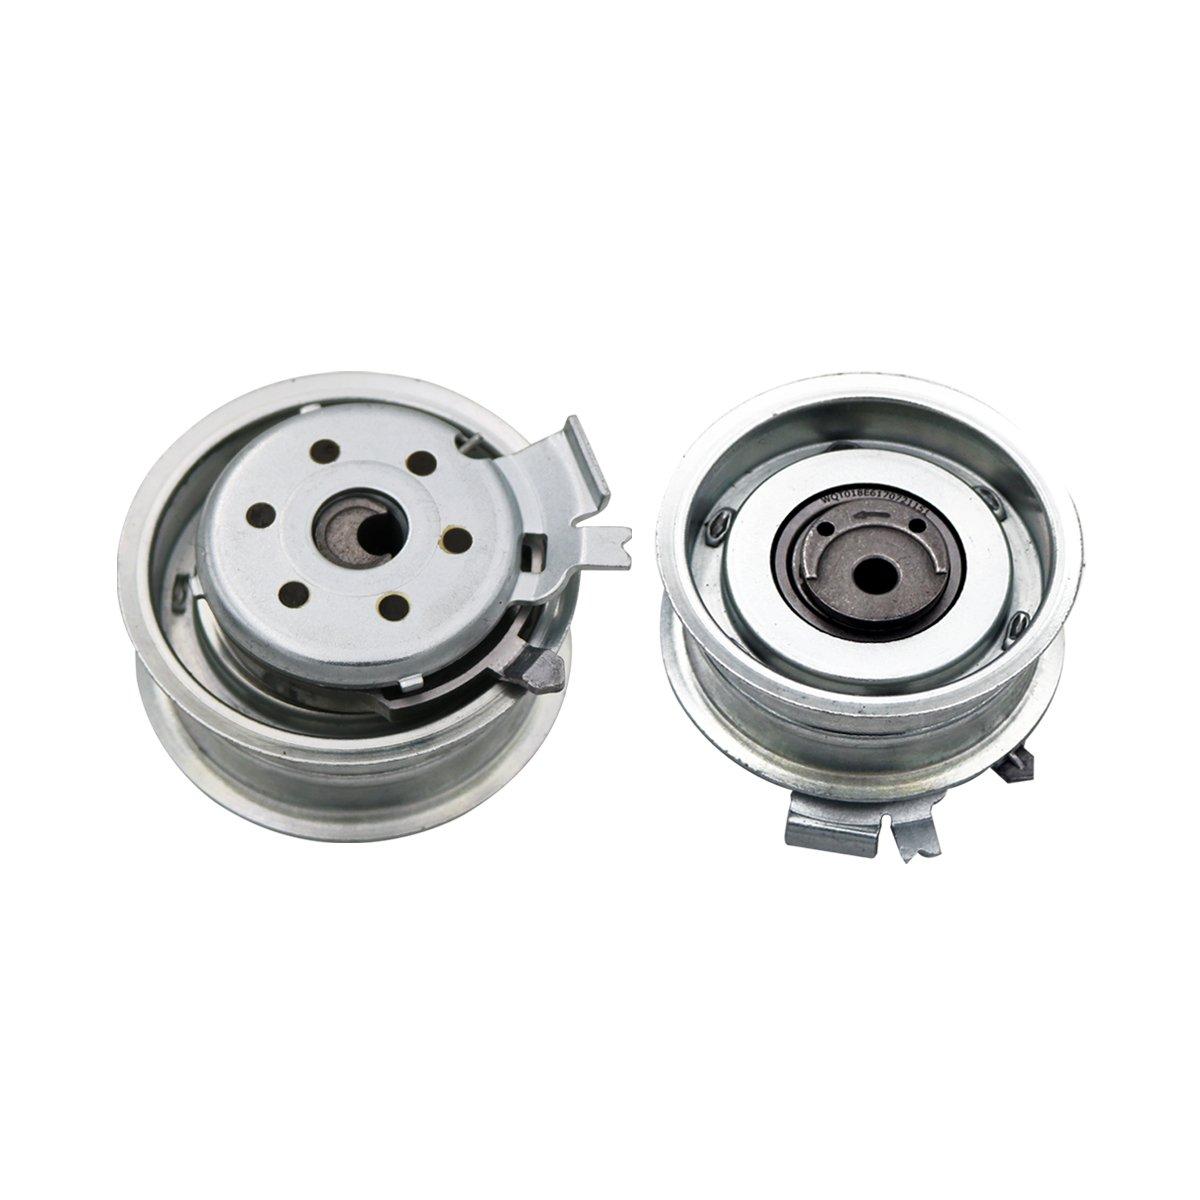 Amazon.com: Timing Belt Water Pump Kit for VW Beetle Golf Jetta 2.0L L4 SOHC AEG ACH AZG, 8v: Automotive